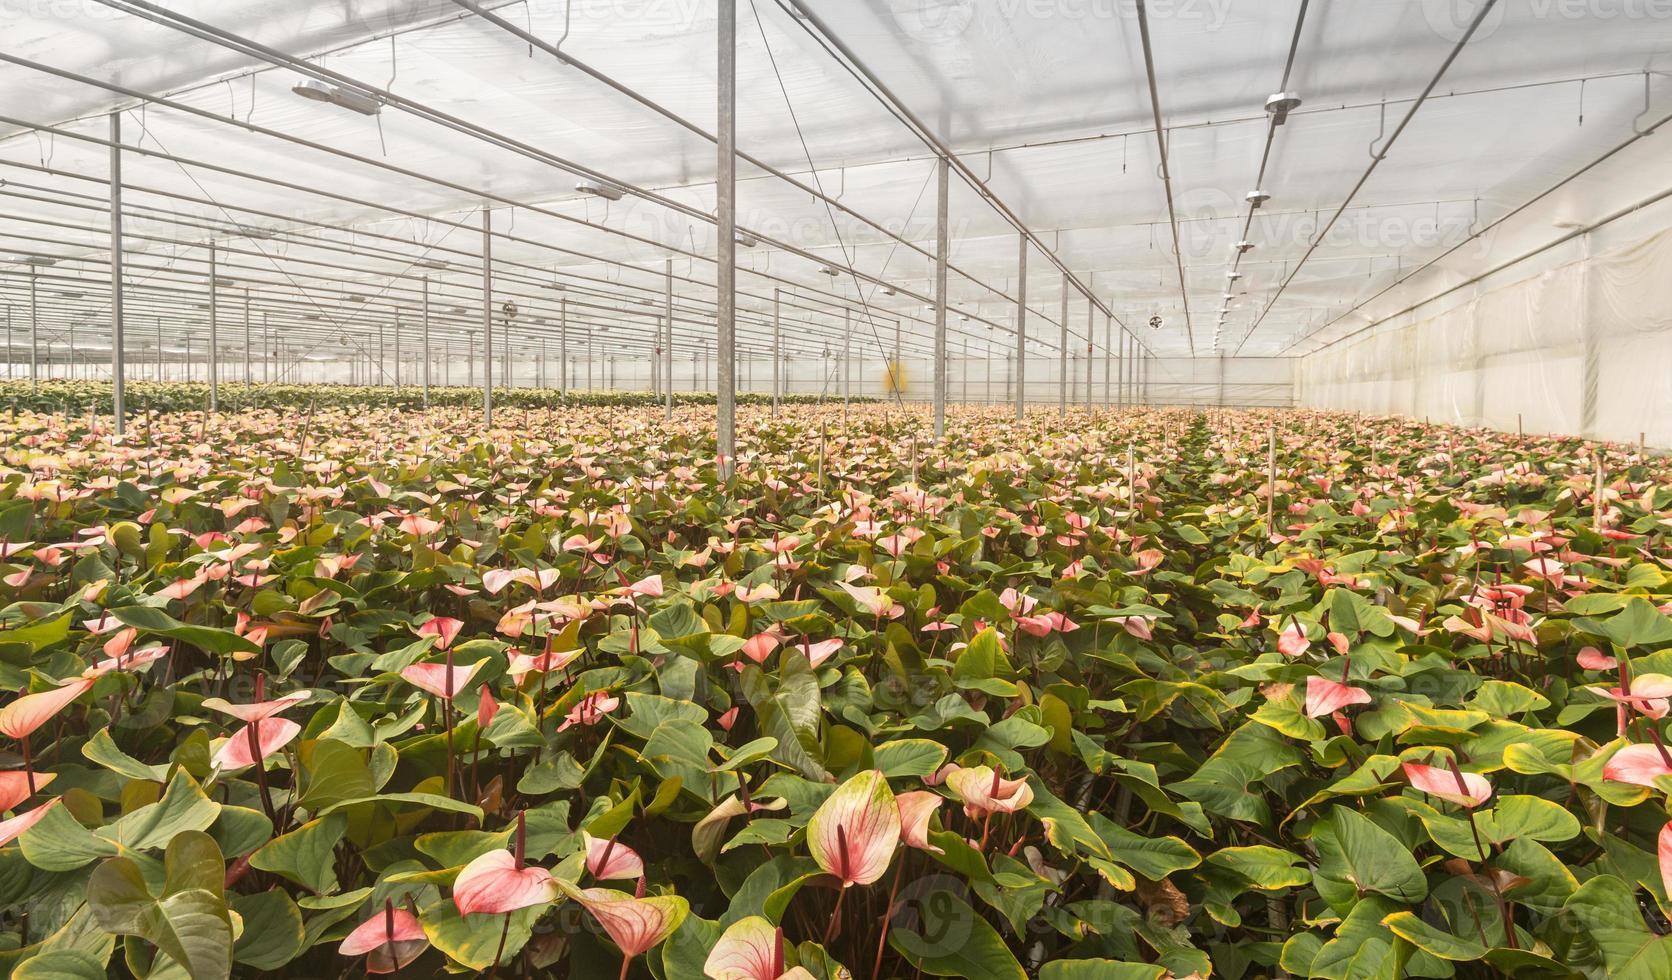 flamingo bloemplanten in een nederlandse bloemenkwekerij foto